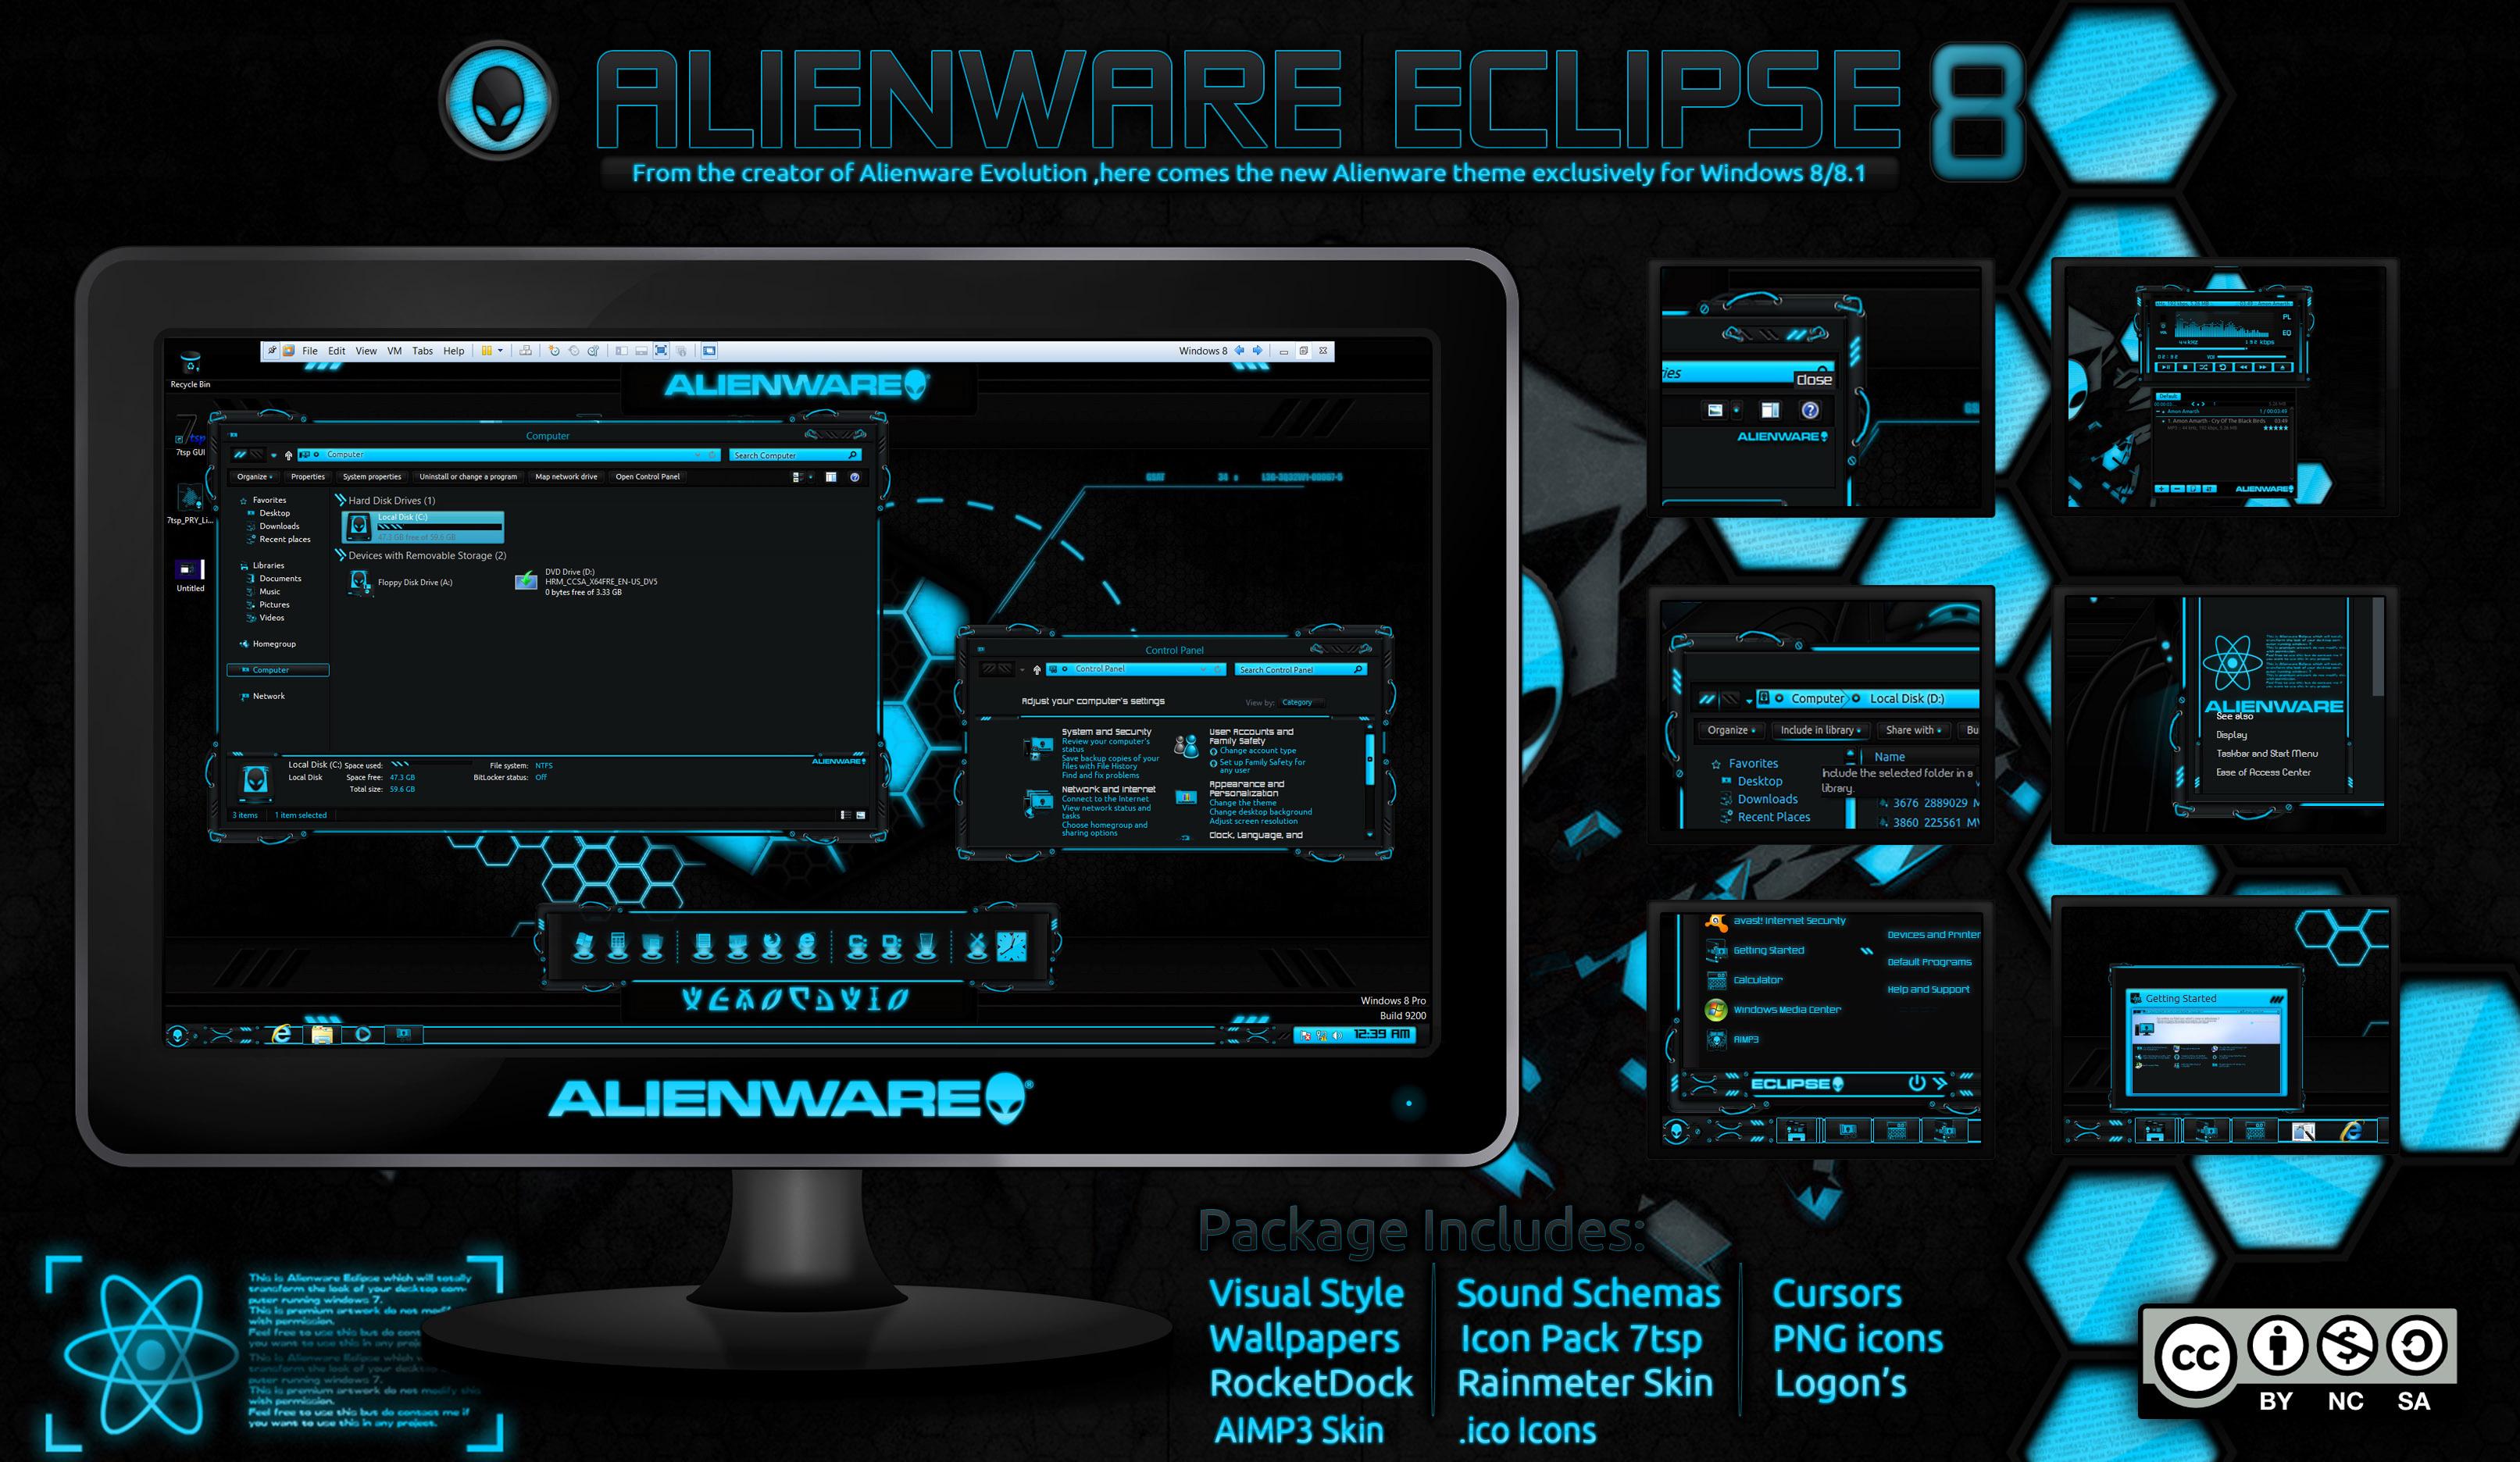 Alienware Eclipse win 8/8.1 [Update 6/28/2015]